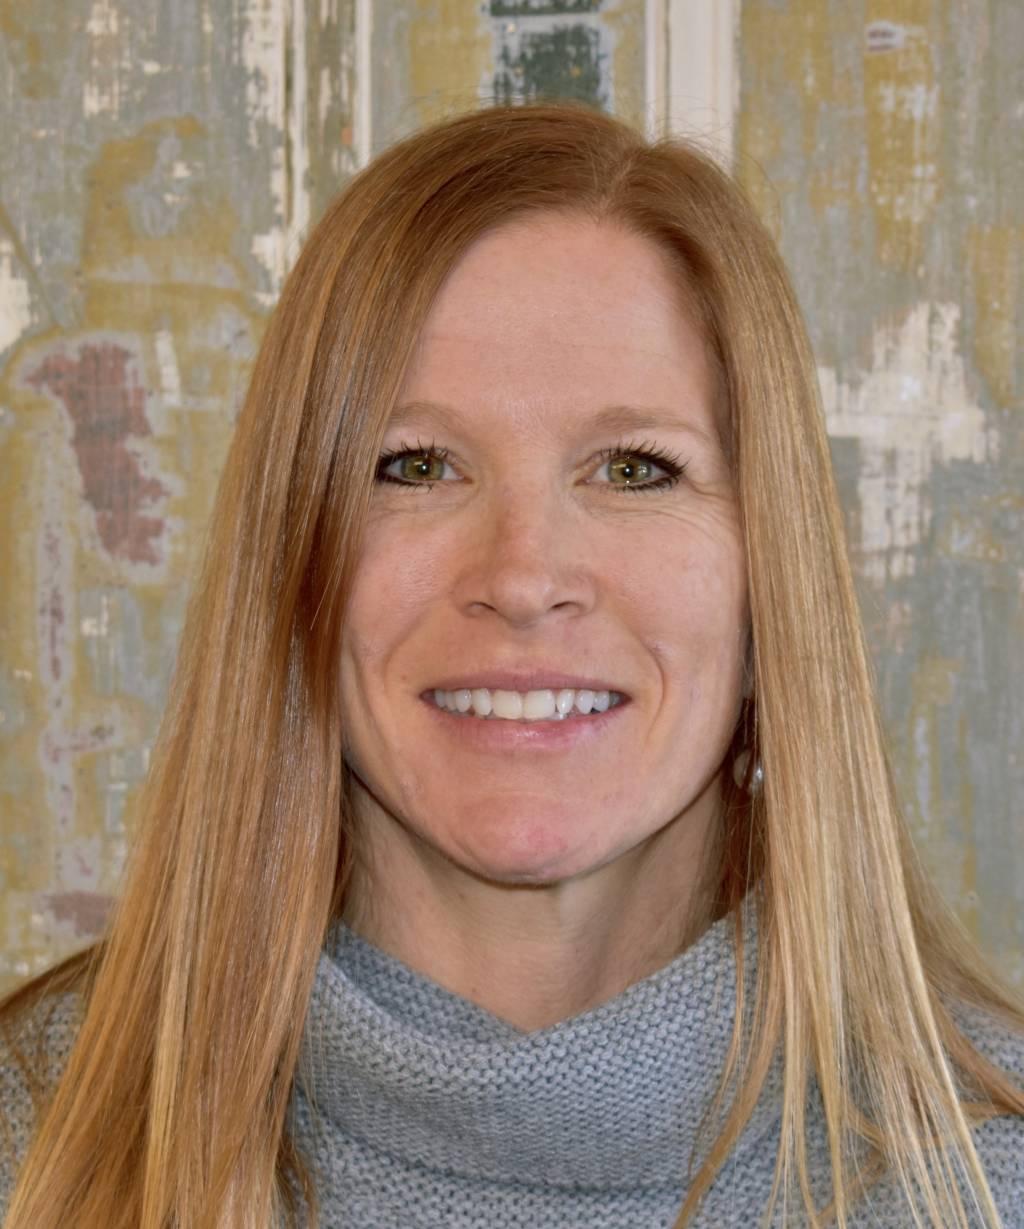 Kimberly Beltran